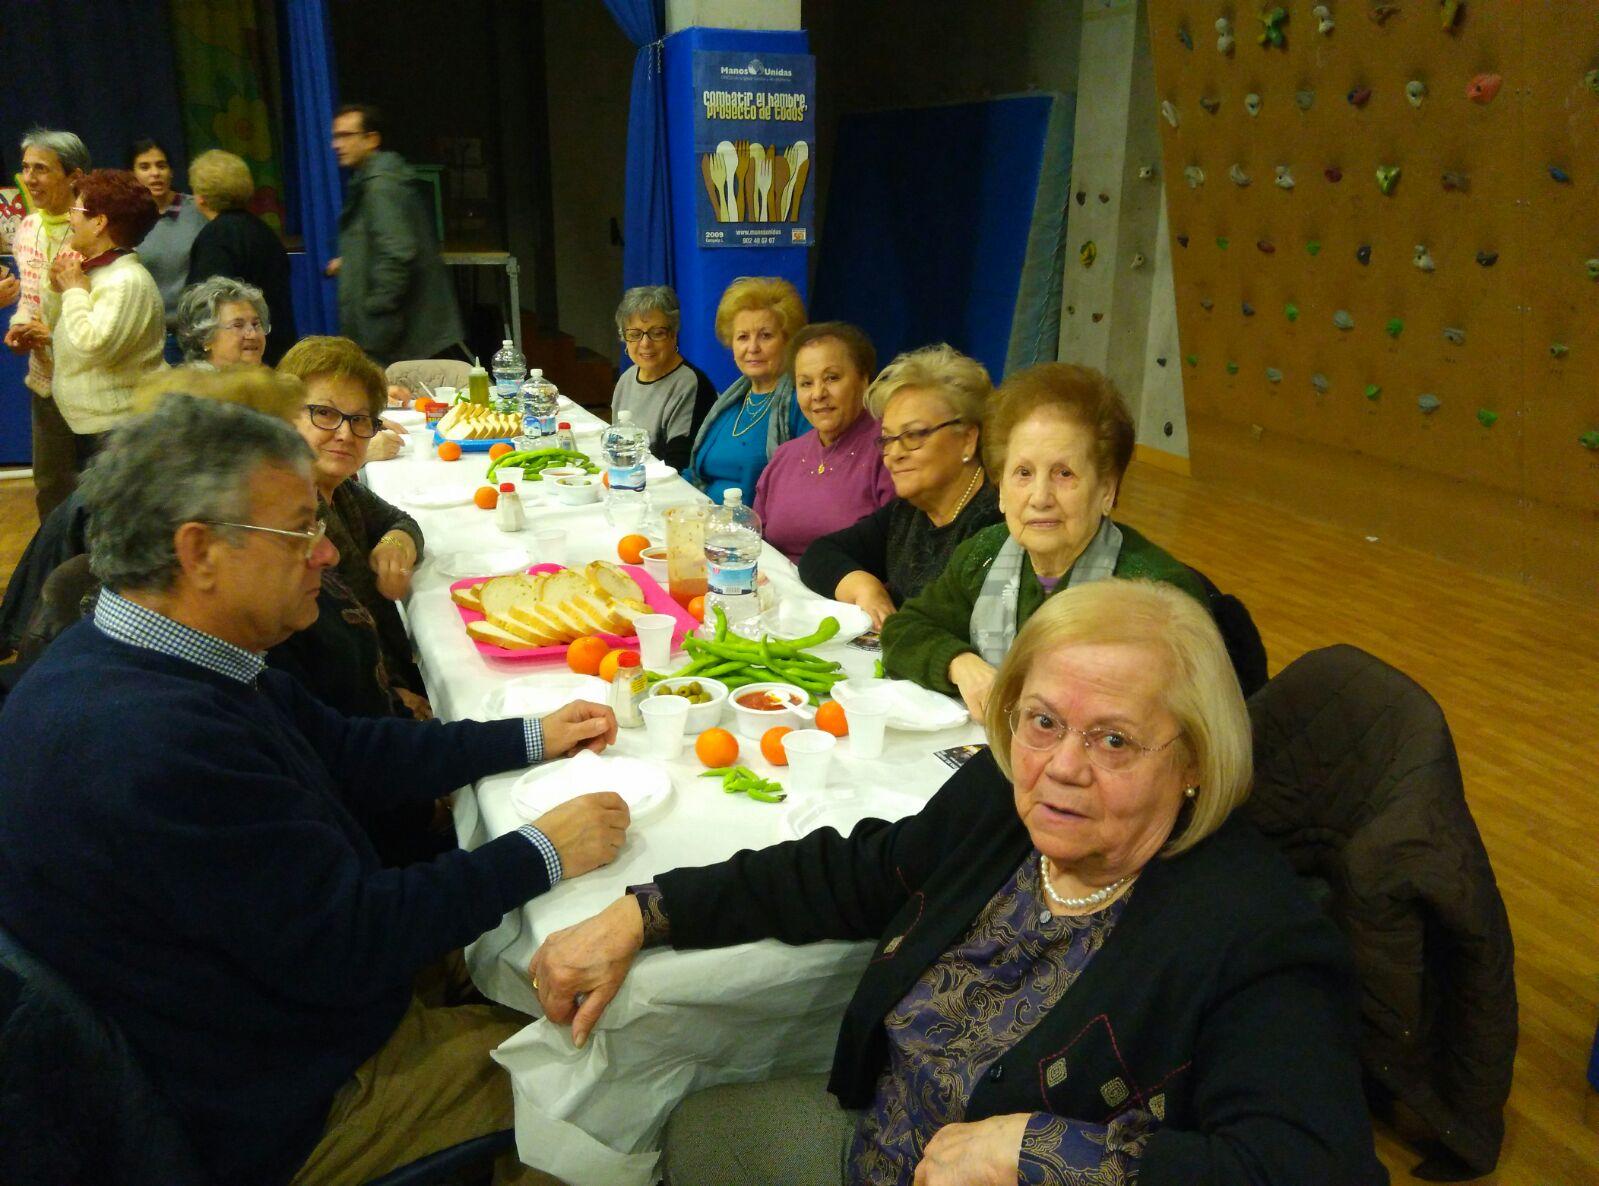 Parroquia Santa Rosa Alcoi Sopar de la fam 1